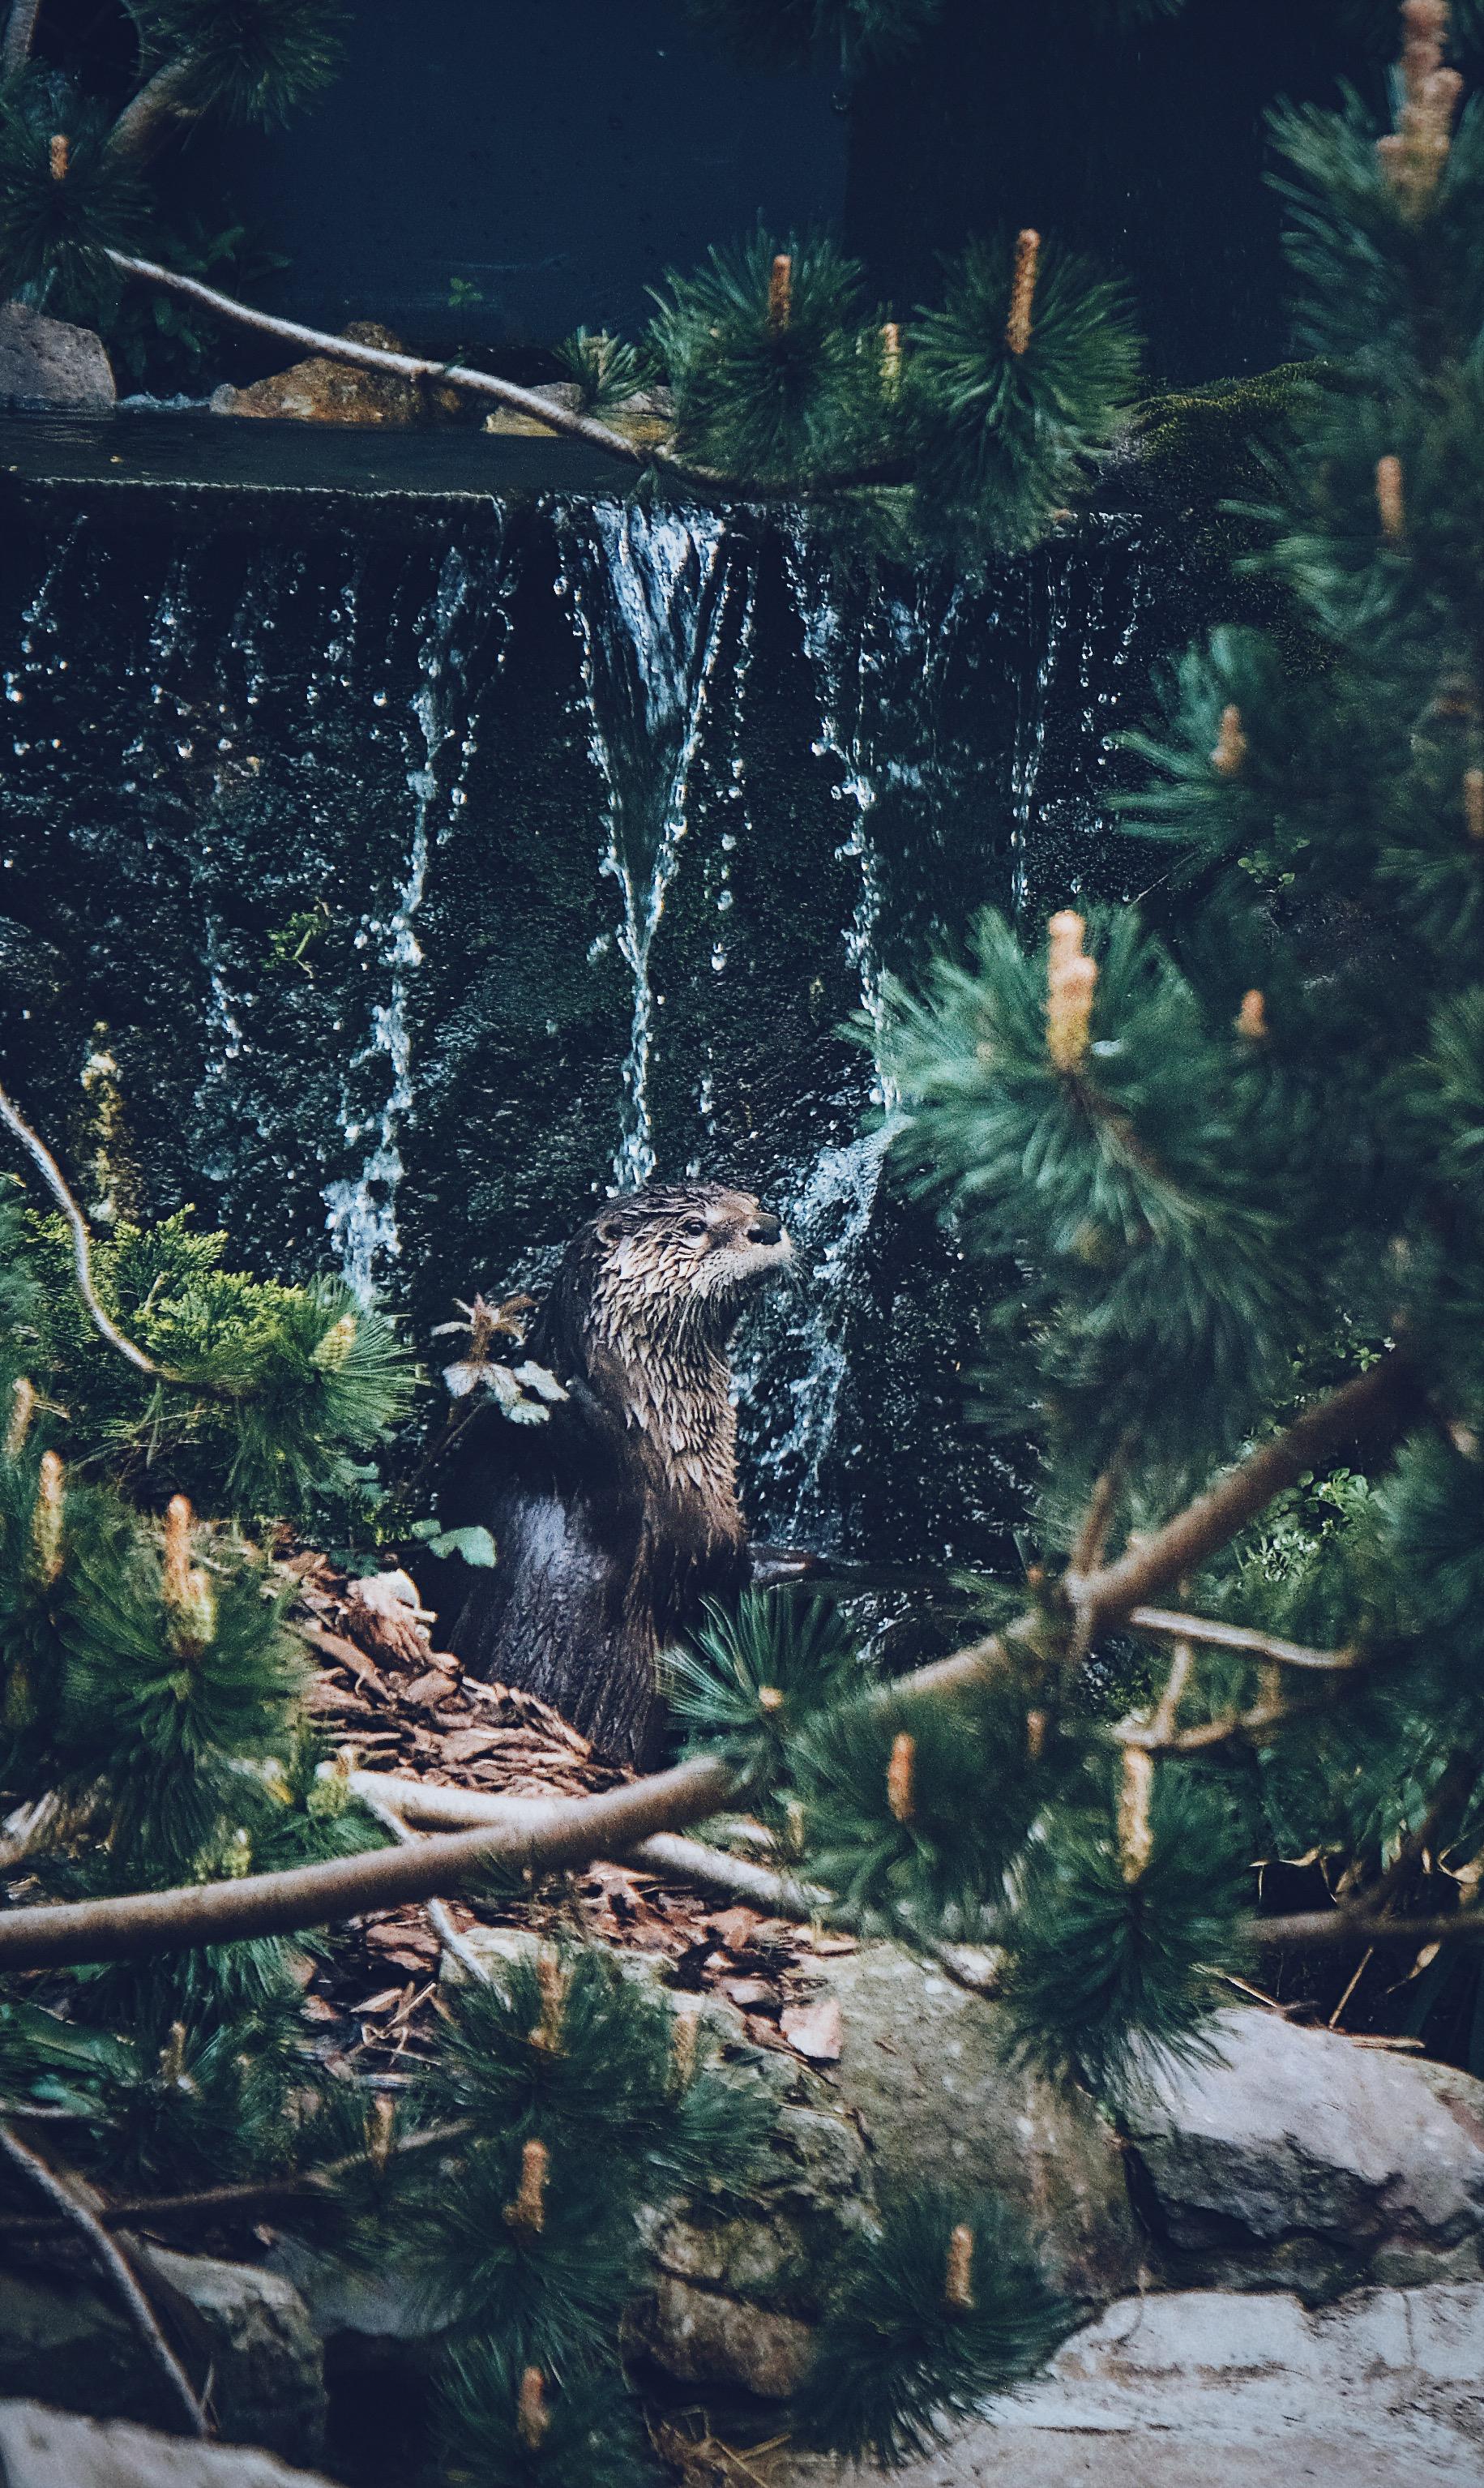 Otter Shower (18-135)